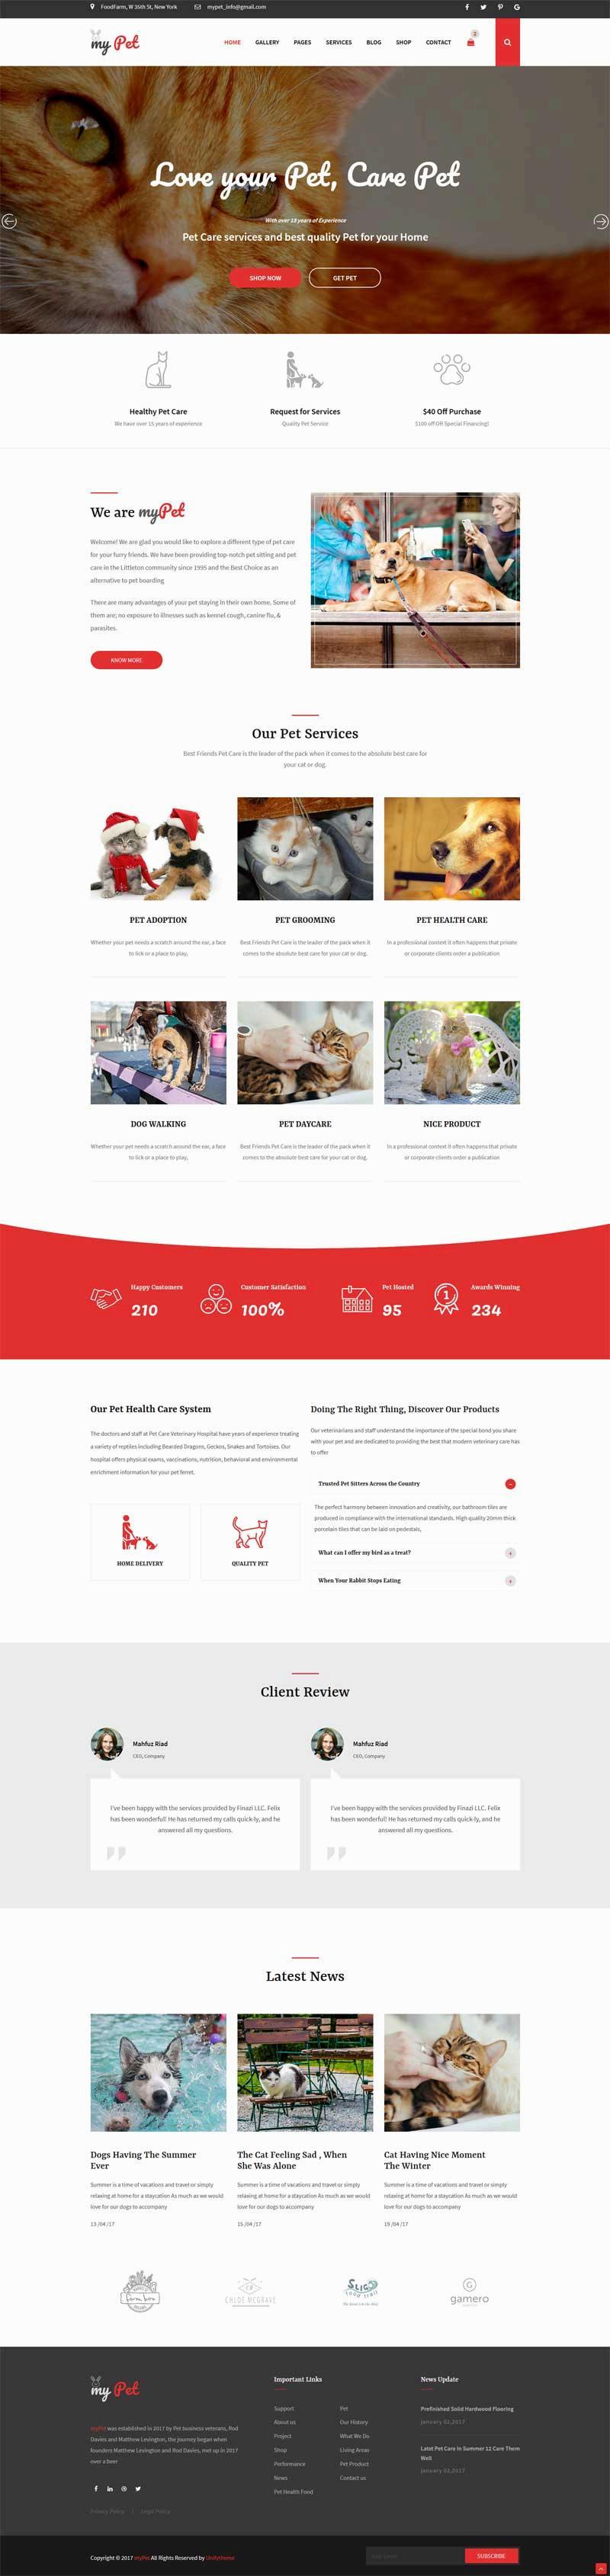 红色大气的宠物兽医网站模板